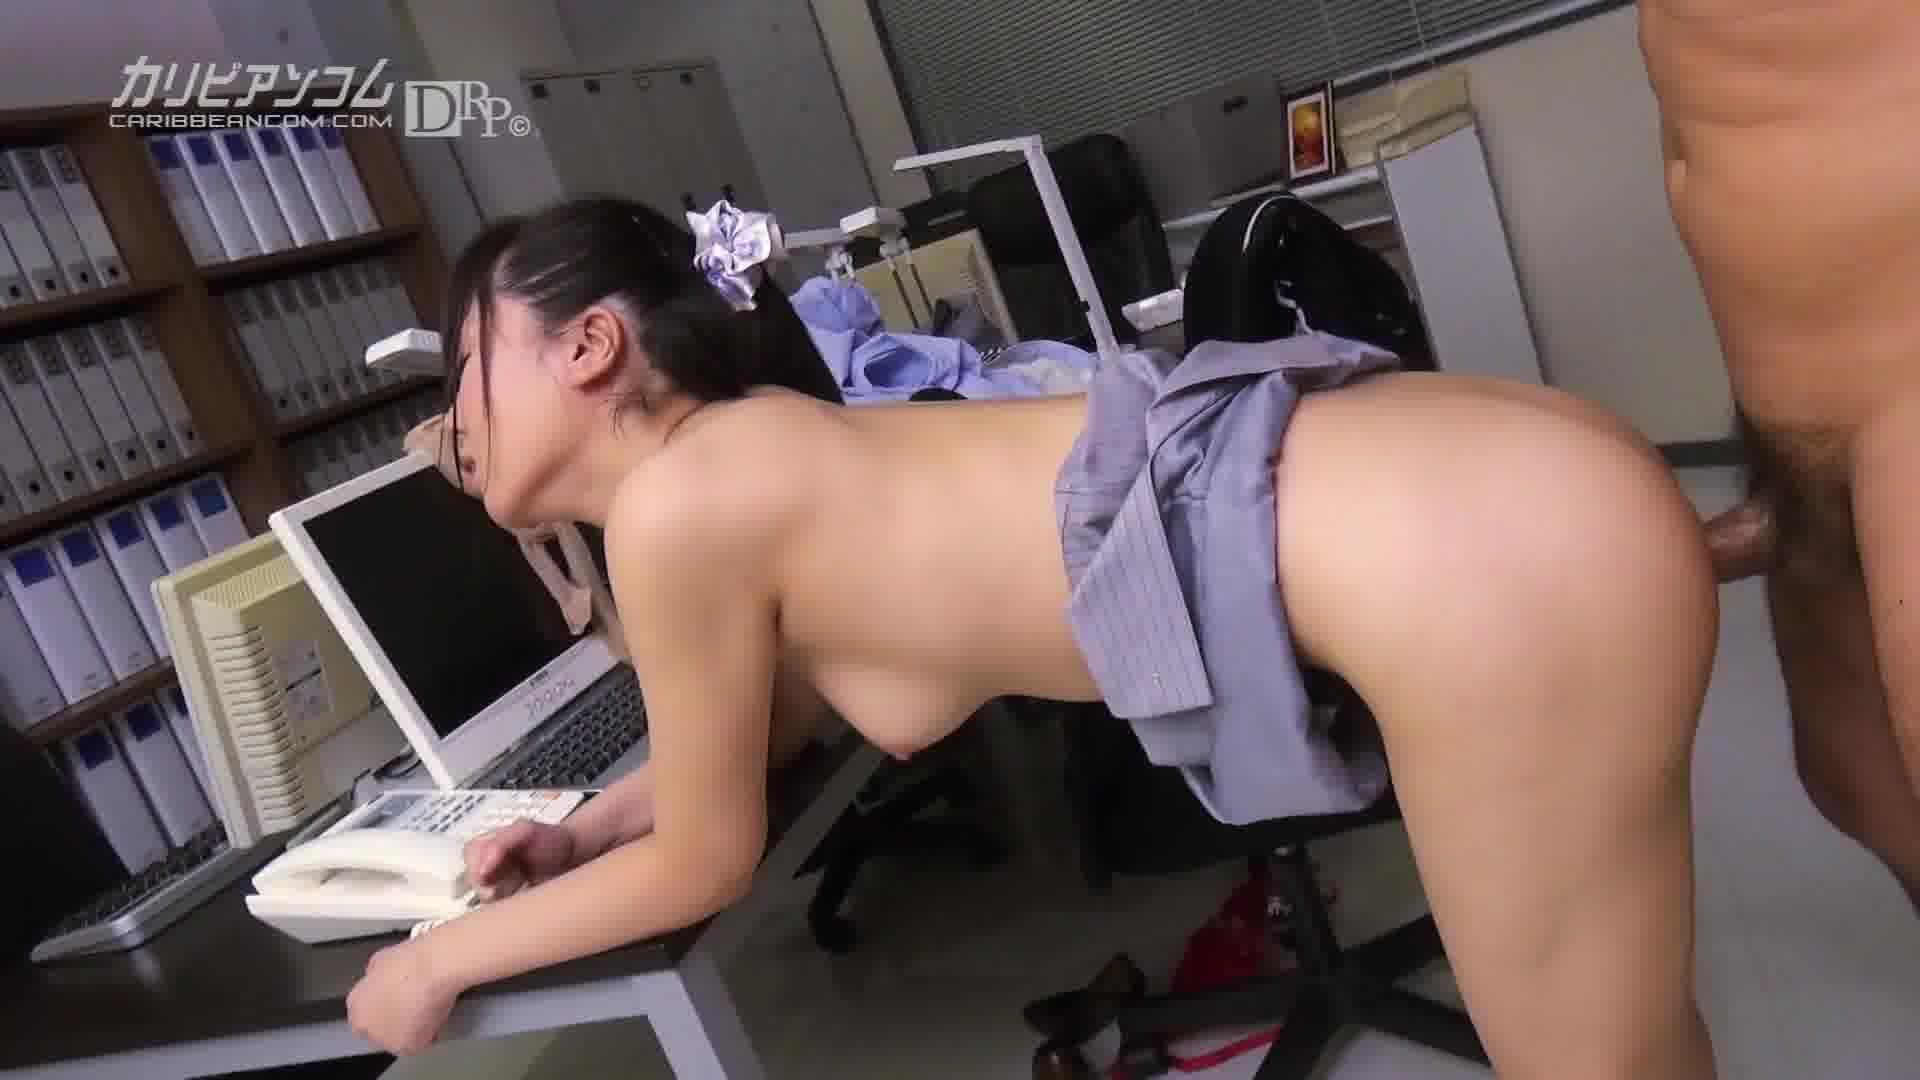 OLの尻に埋もれたい Vol.6 - 尾嶋みゆき【パイパン・潮吹き・スレンダー】